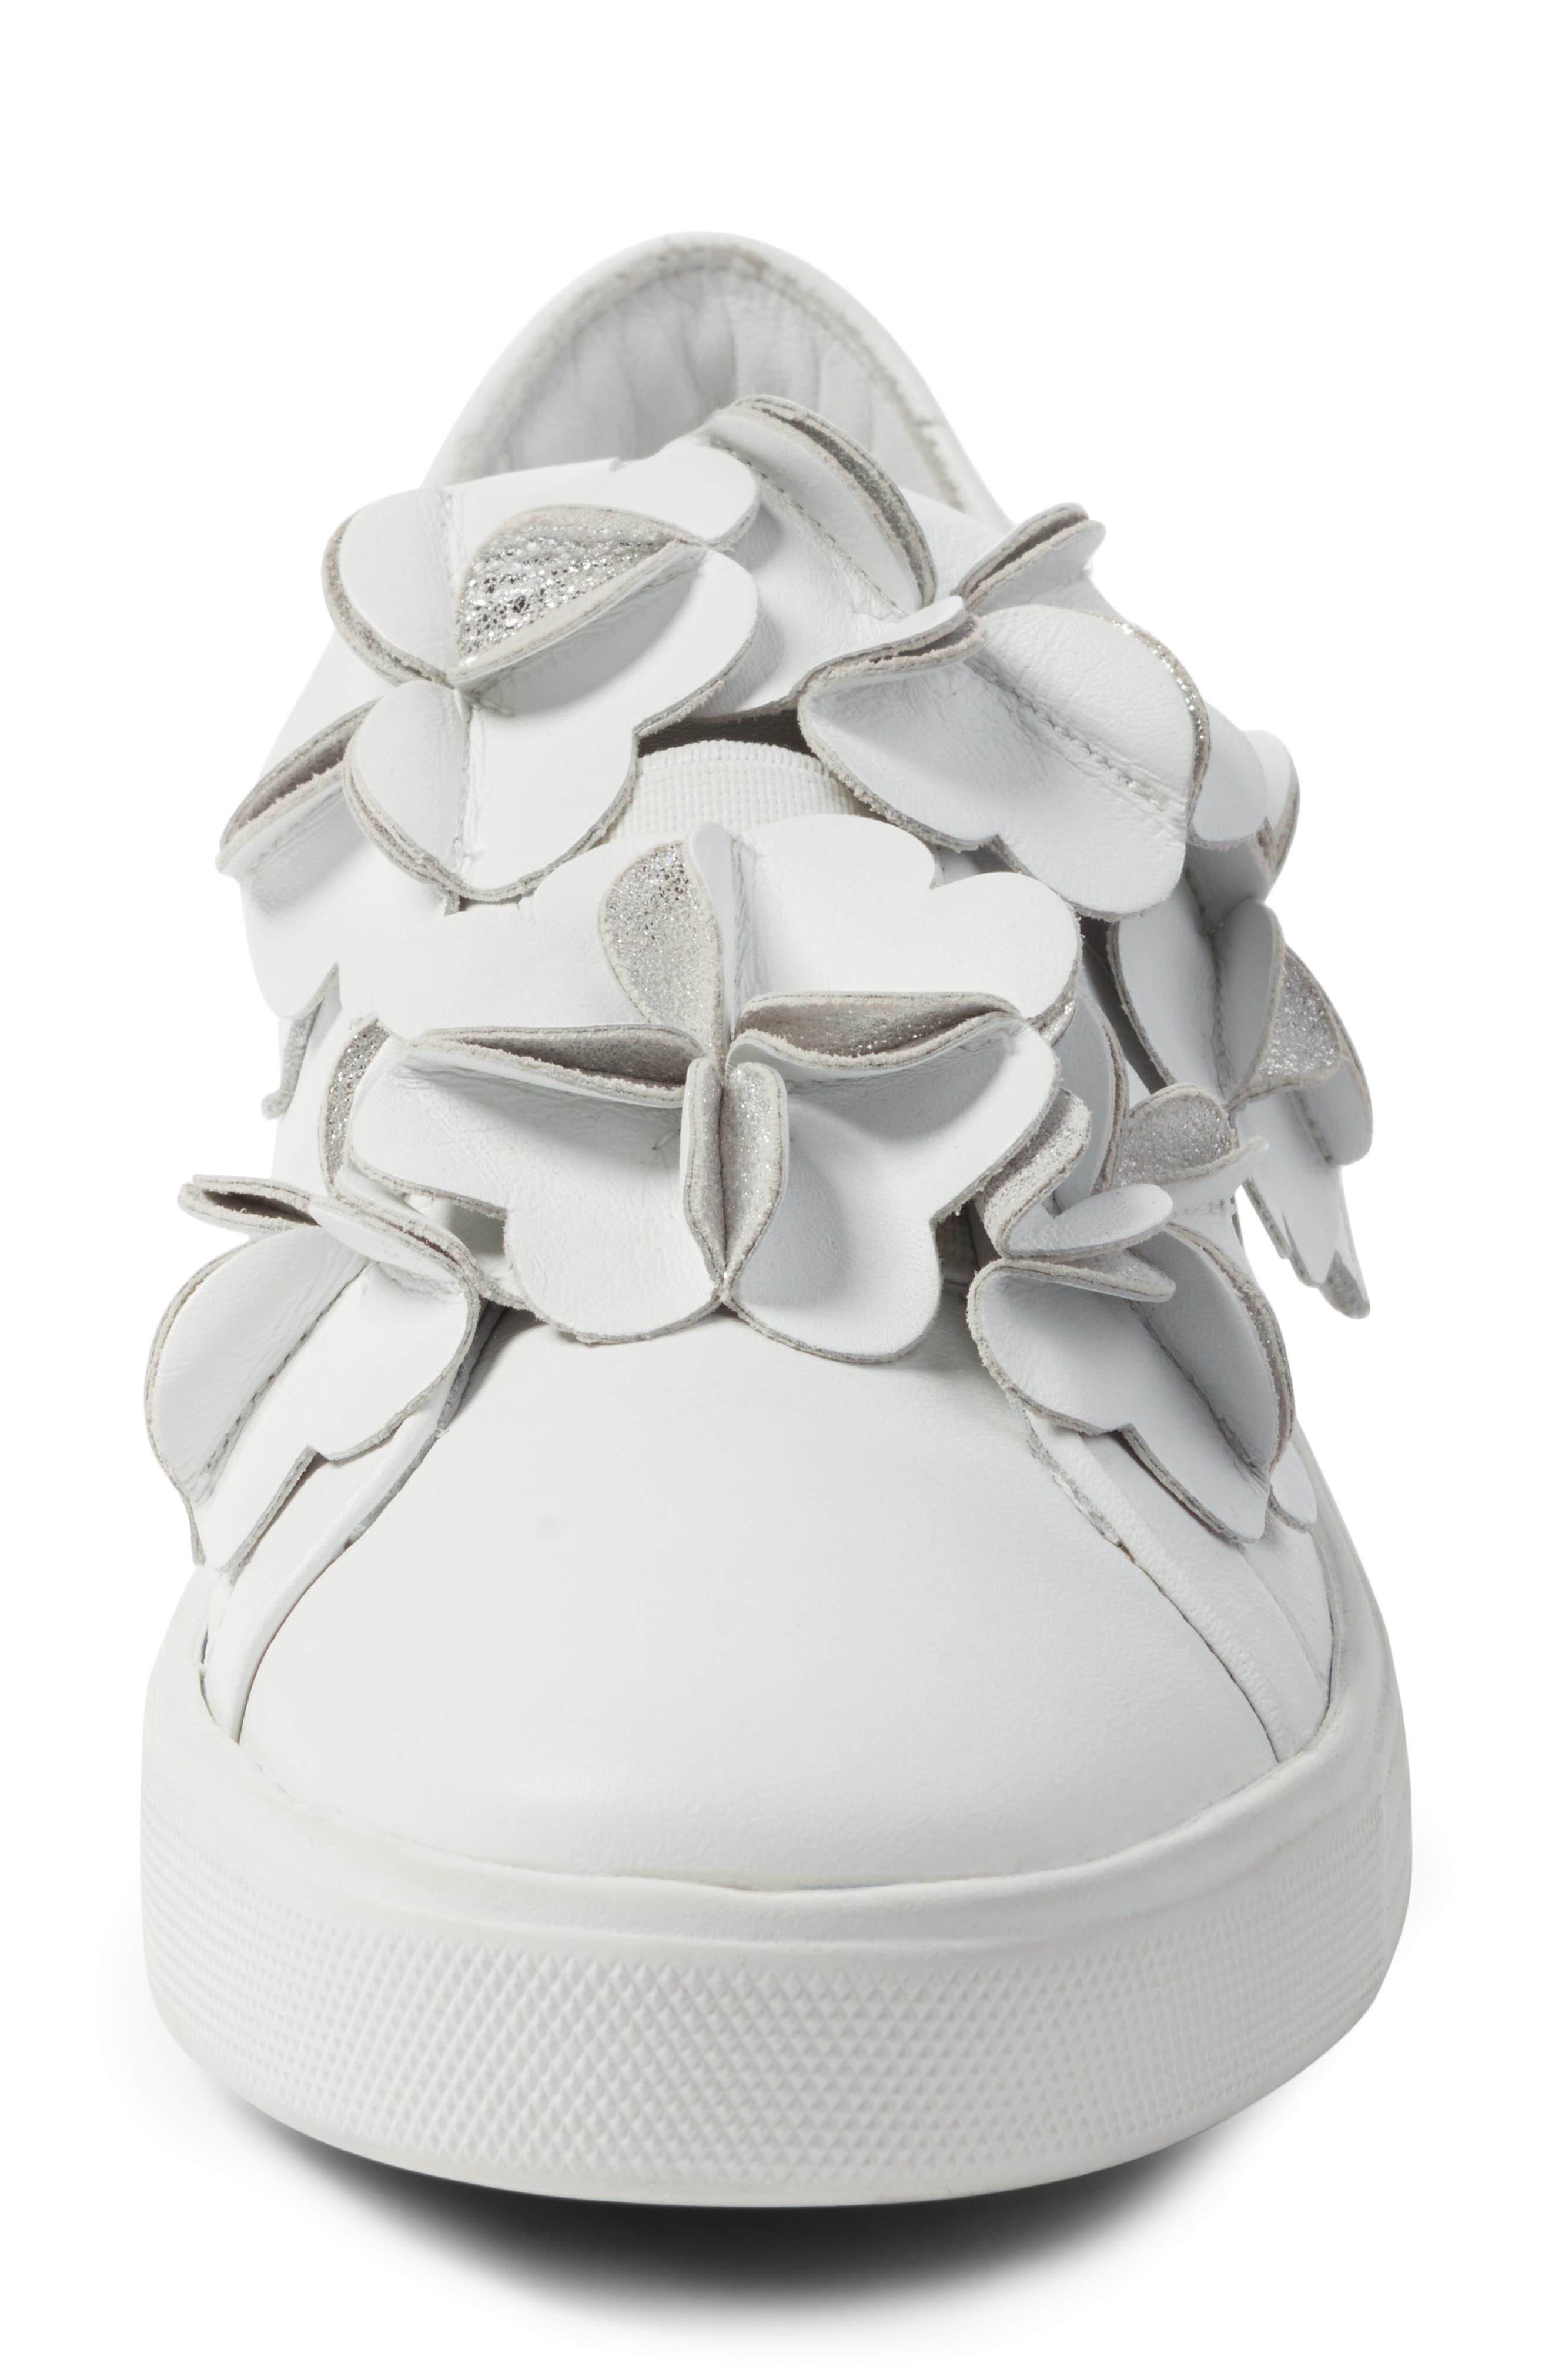 Kennel & Schmenger Town Floral Embellished Sneaker,                             Alternate thumbnail 4, color,                             100